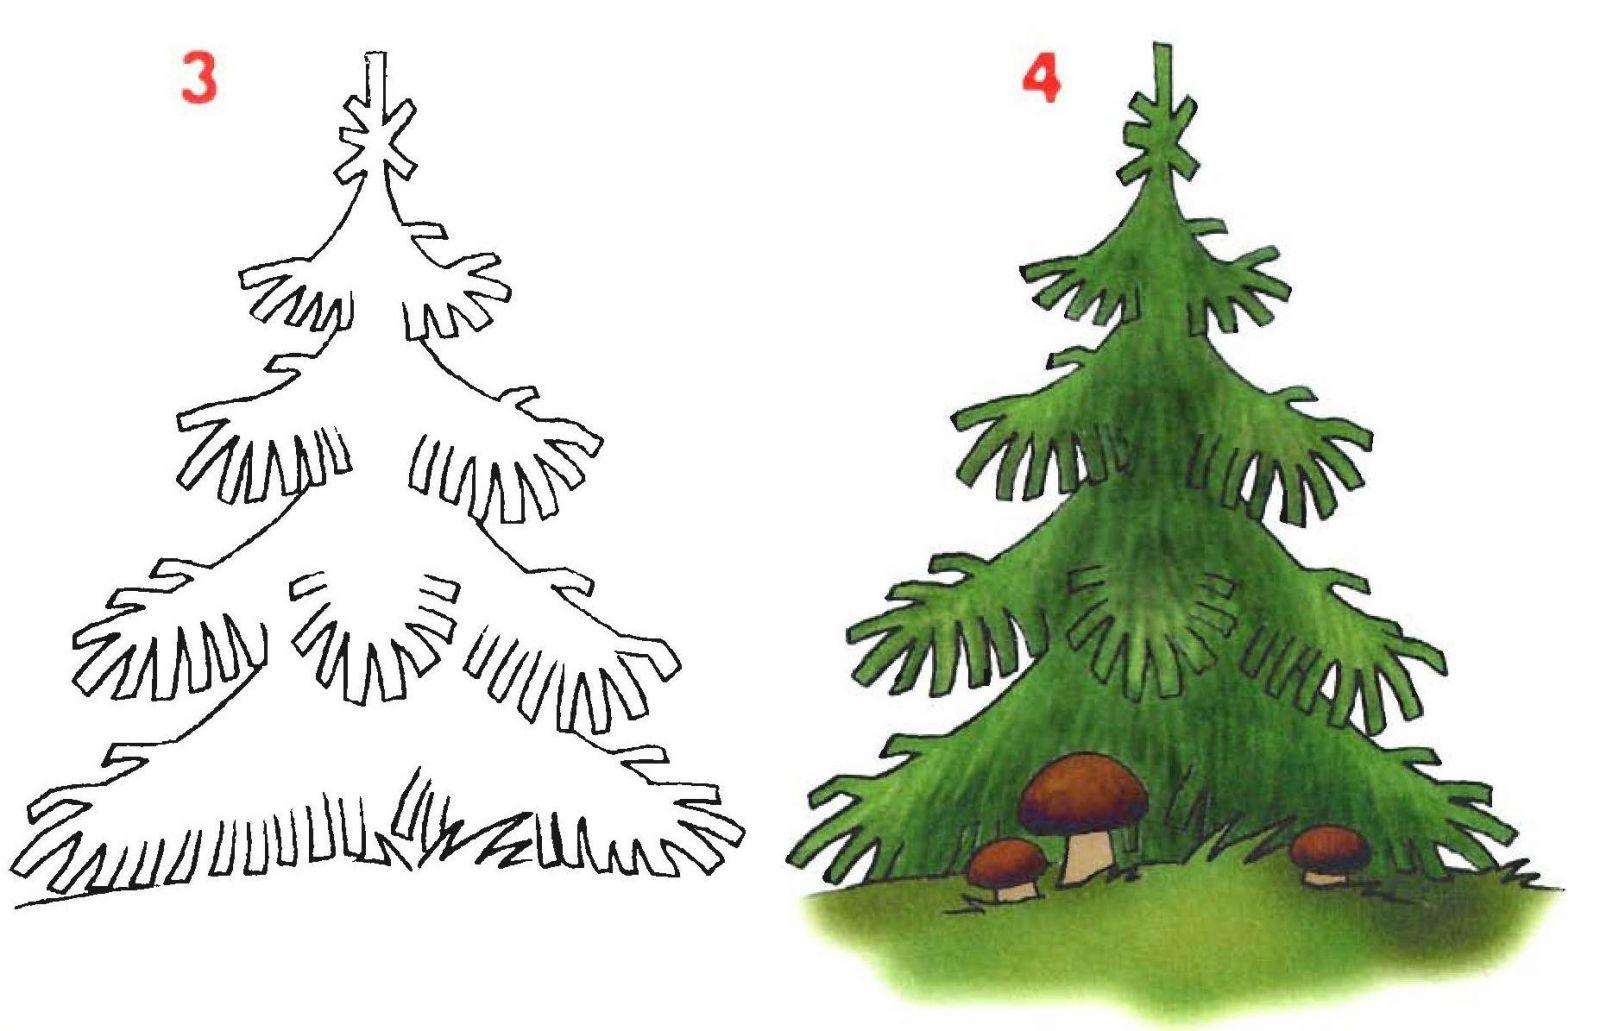 секрет, картинки елка карандашом поэтапно для расставлены лавочки, чтобы